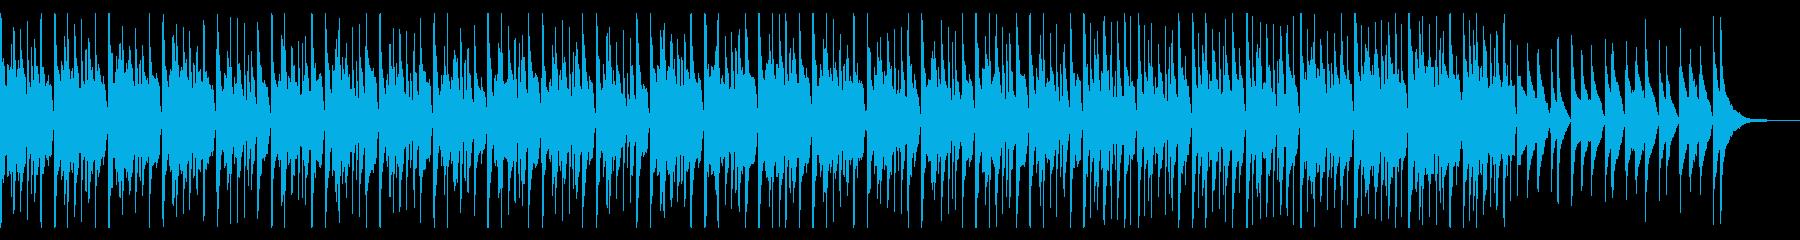 ウクレレとリコーダーがほのぼのかわいい曲の再生済みの波形